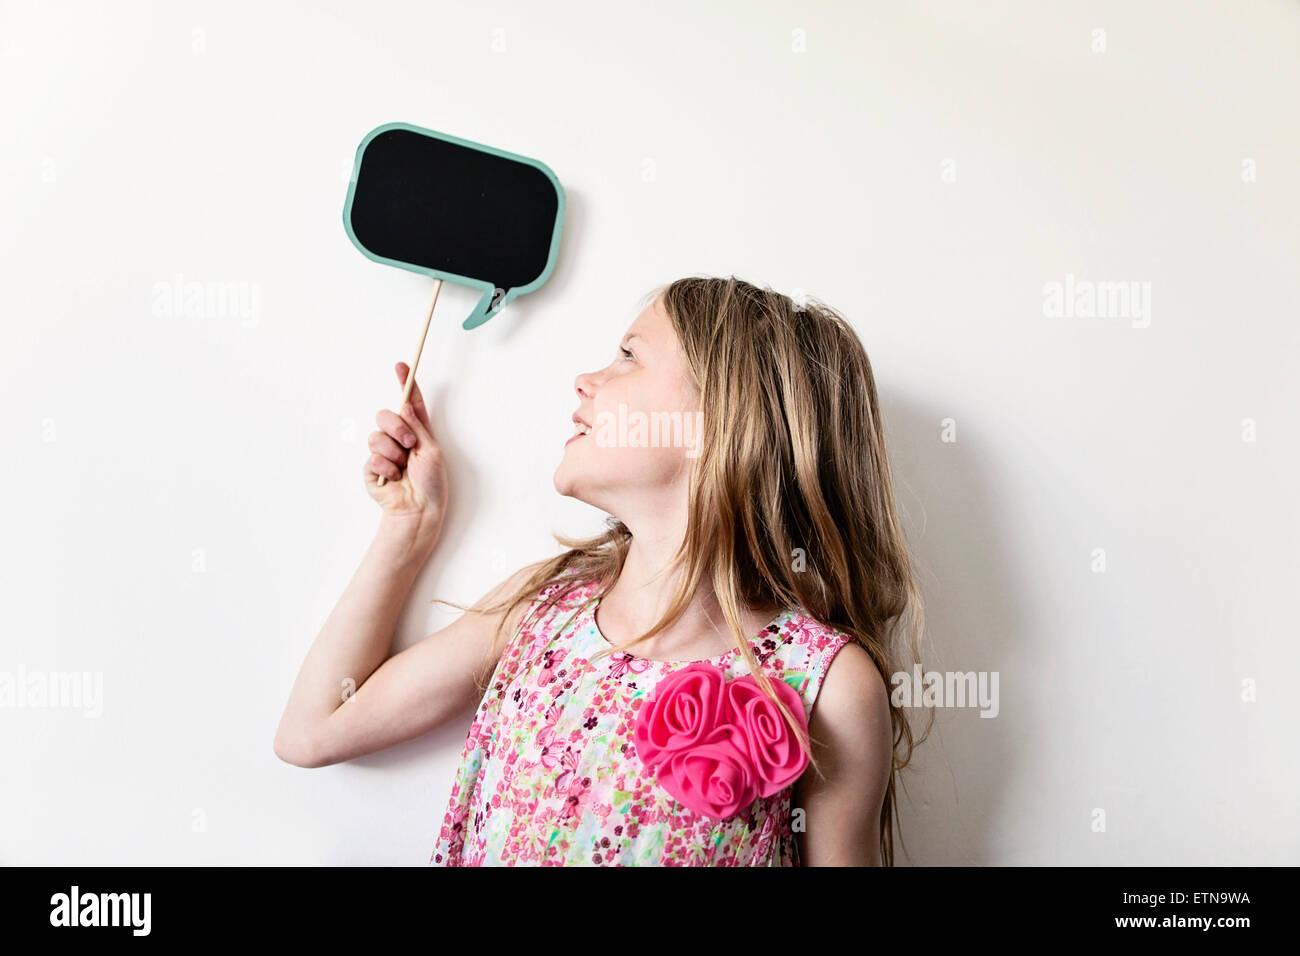 Retrato de una niña alegre celebración de un pensamiento en blanco bubble junta por encima de su cabeza Imagen De Stock